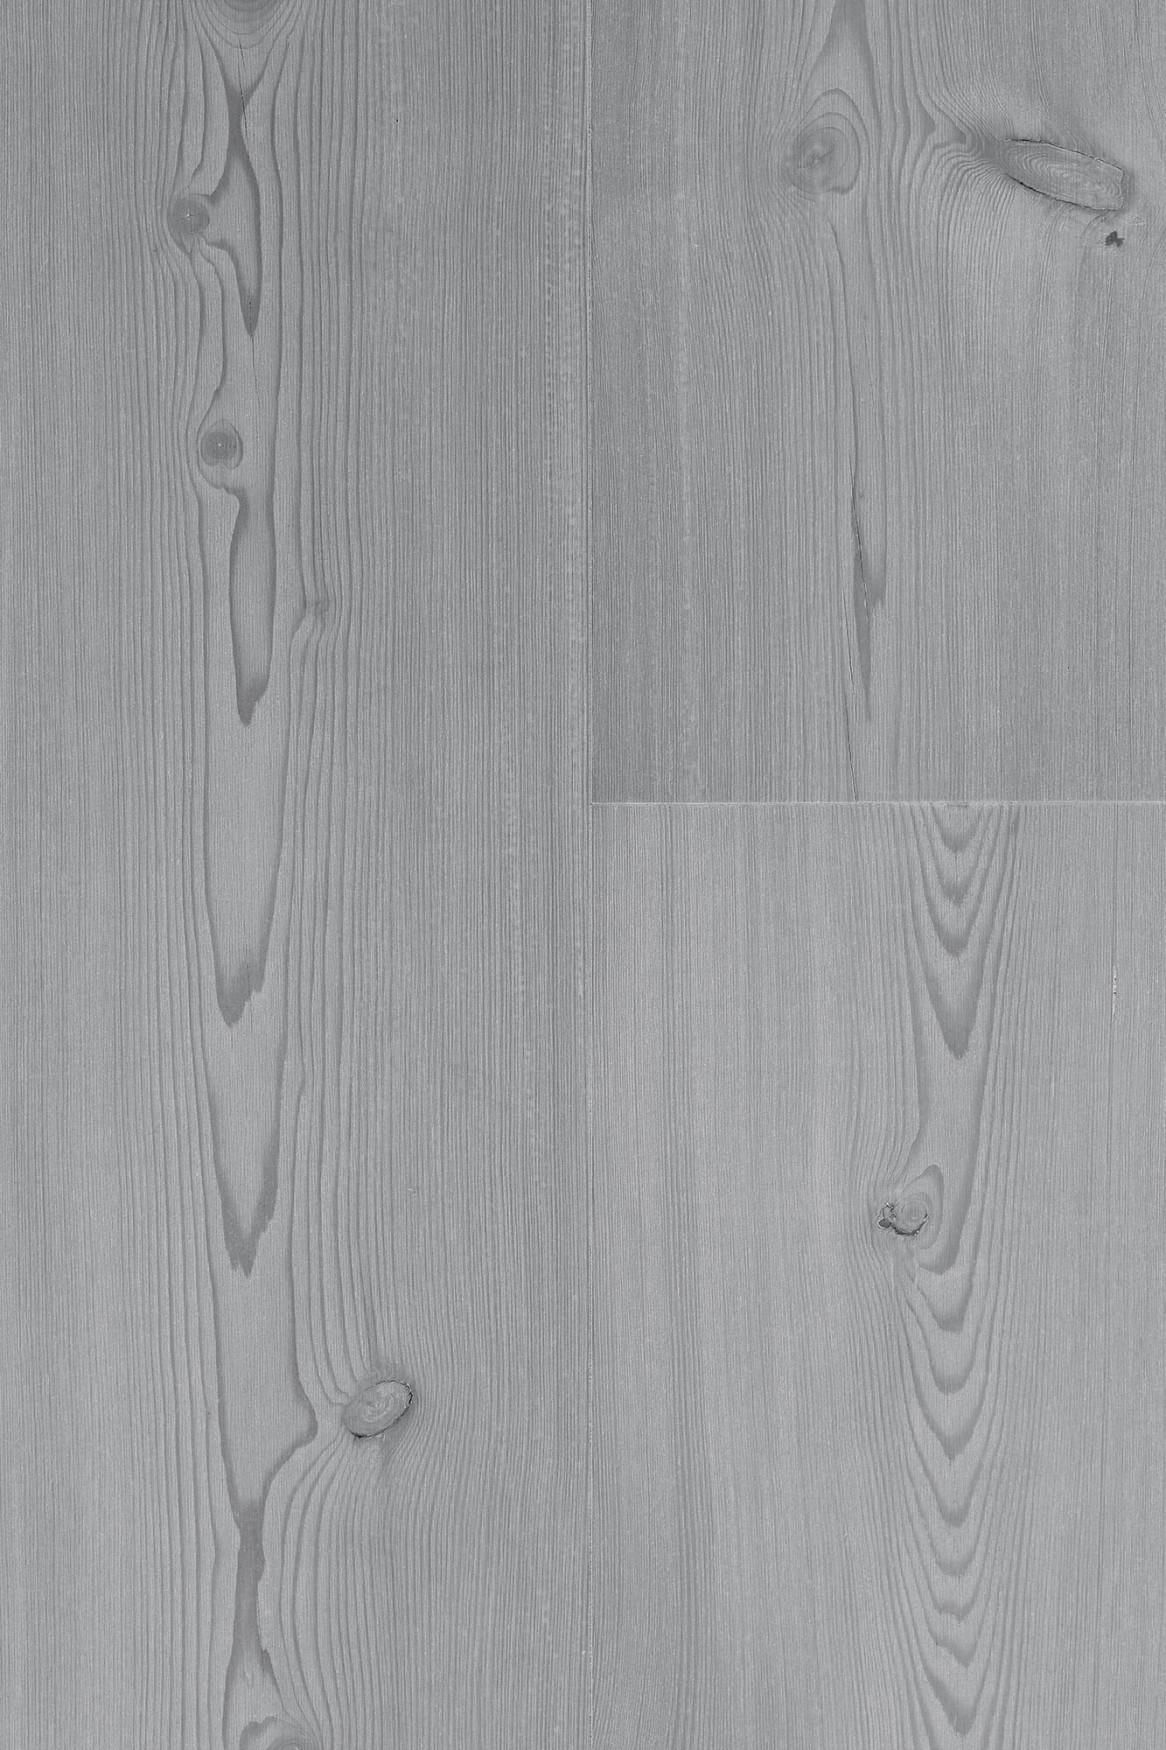 Element7-wide-plank--AJ_562_538_GreyLarch_3